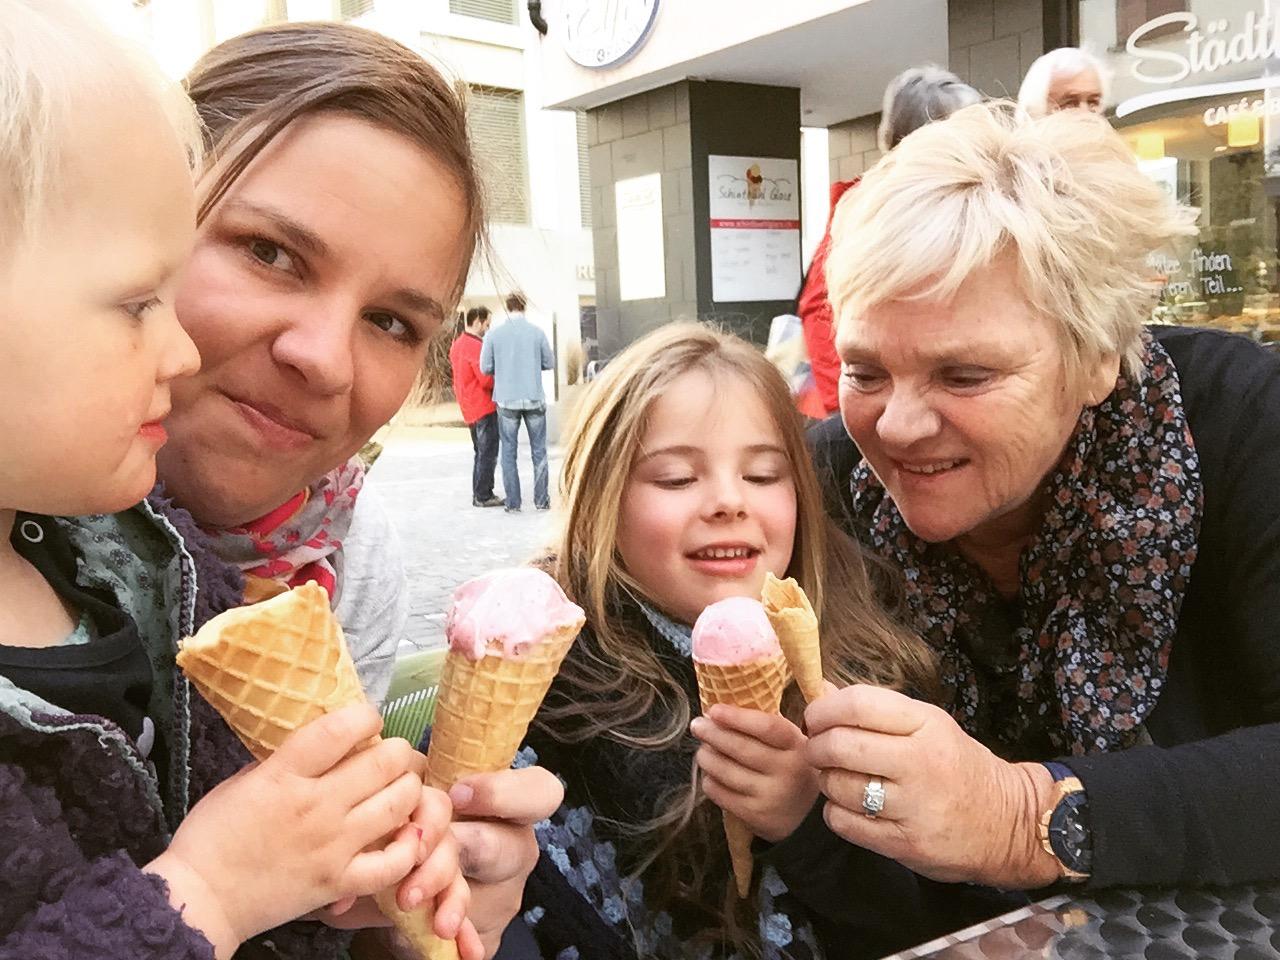 De kinderen kregen het ijsje trouwens niet op, wij wel!